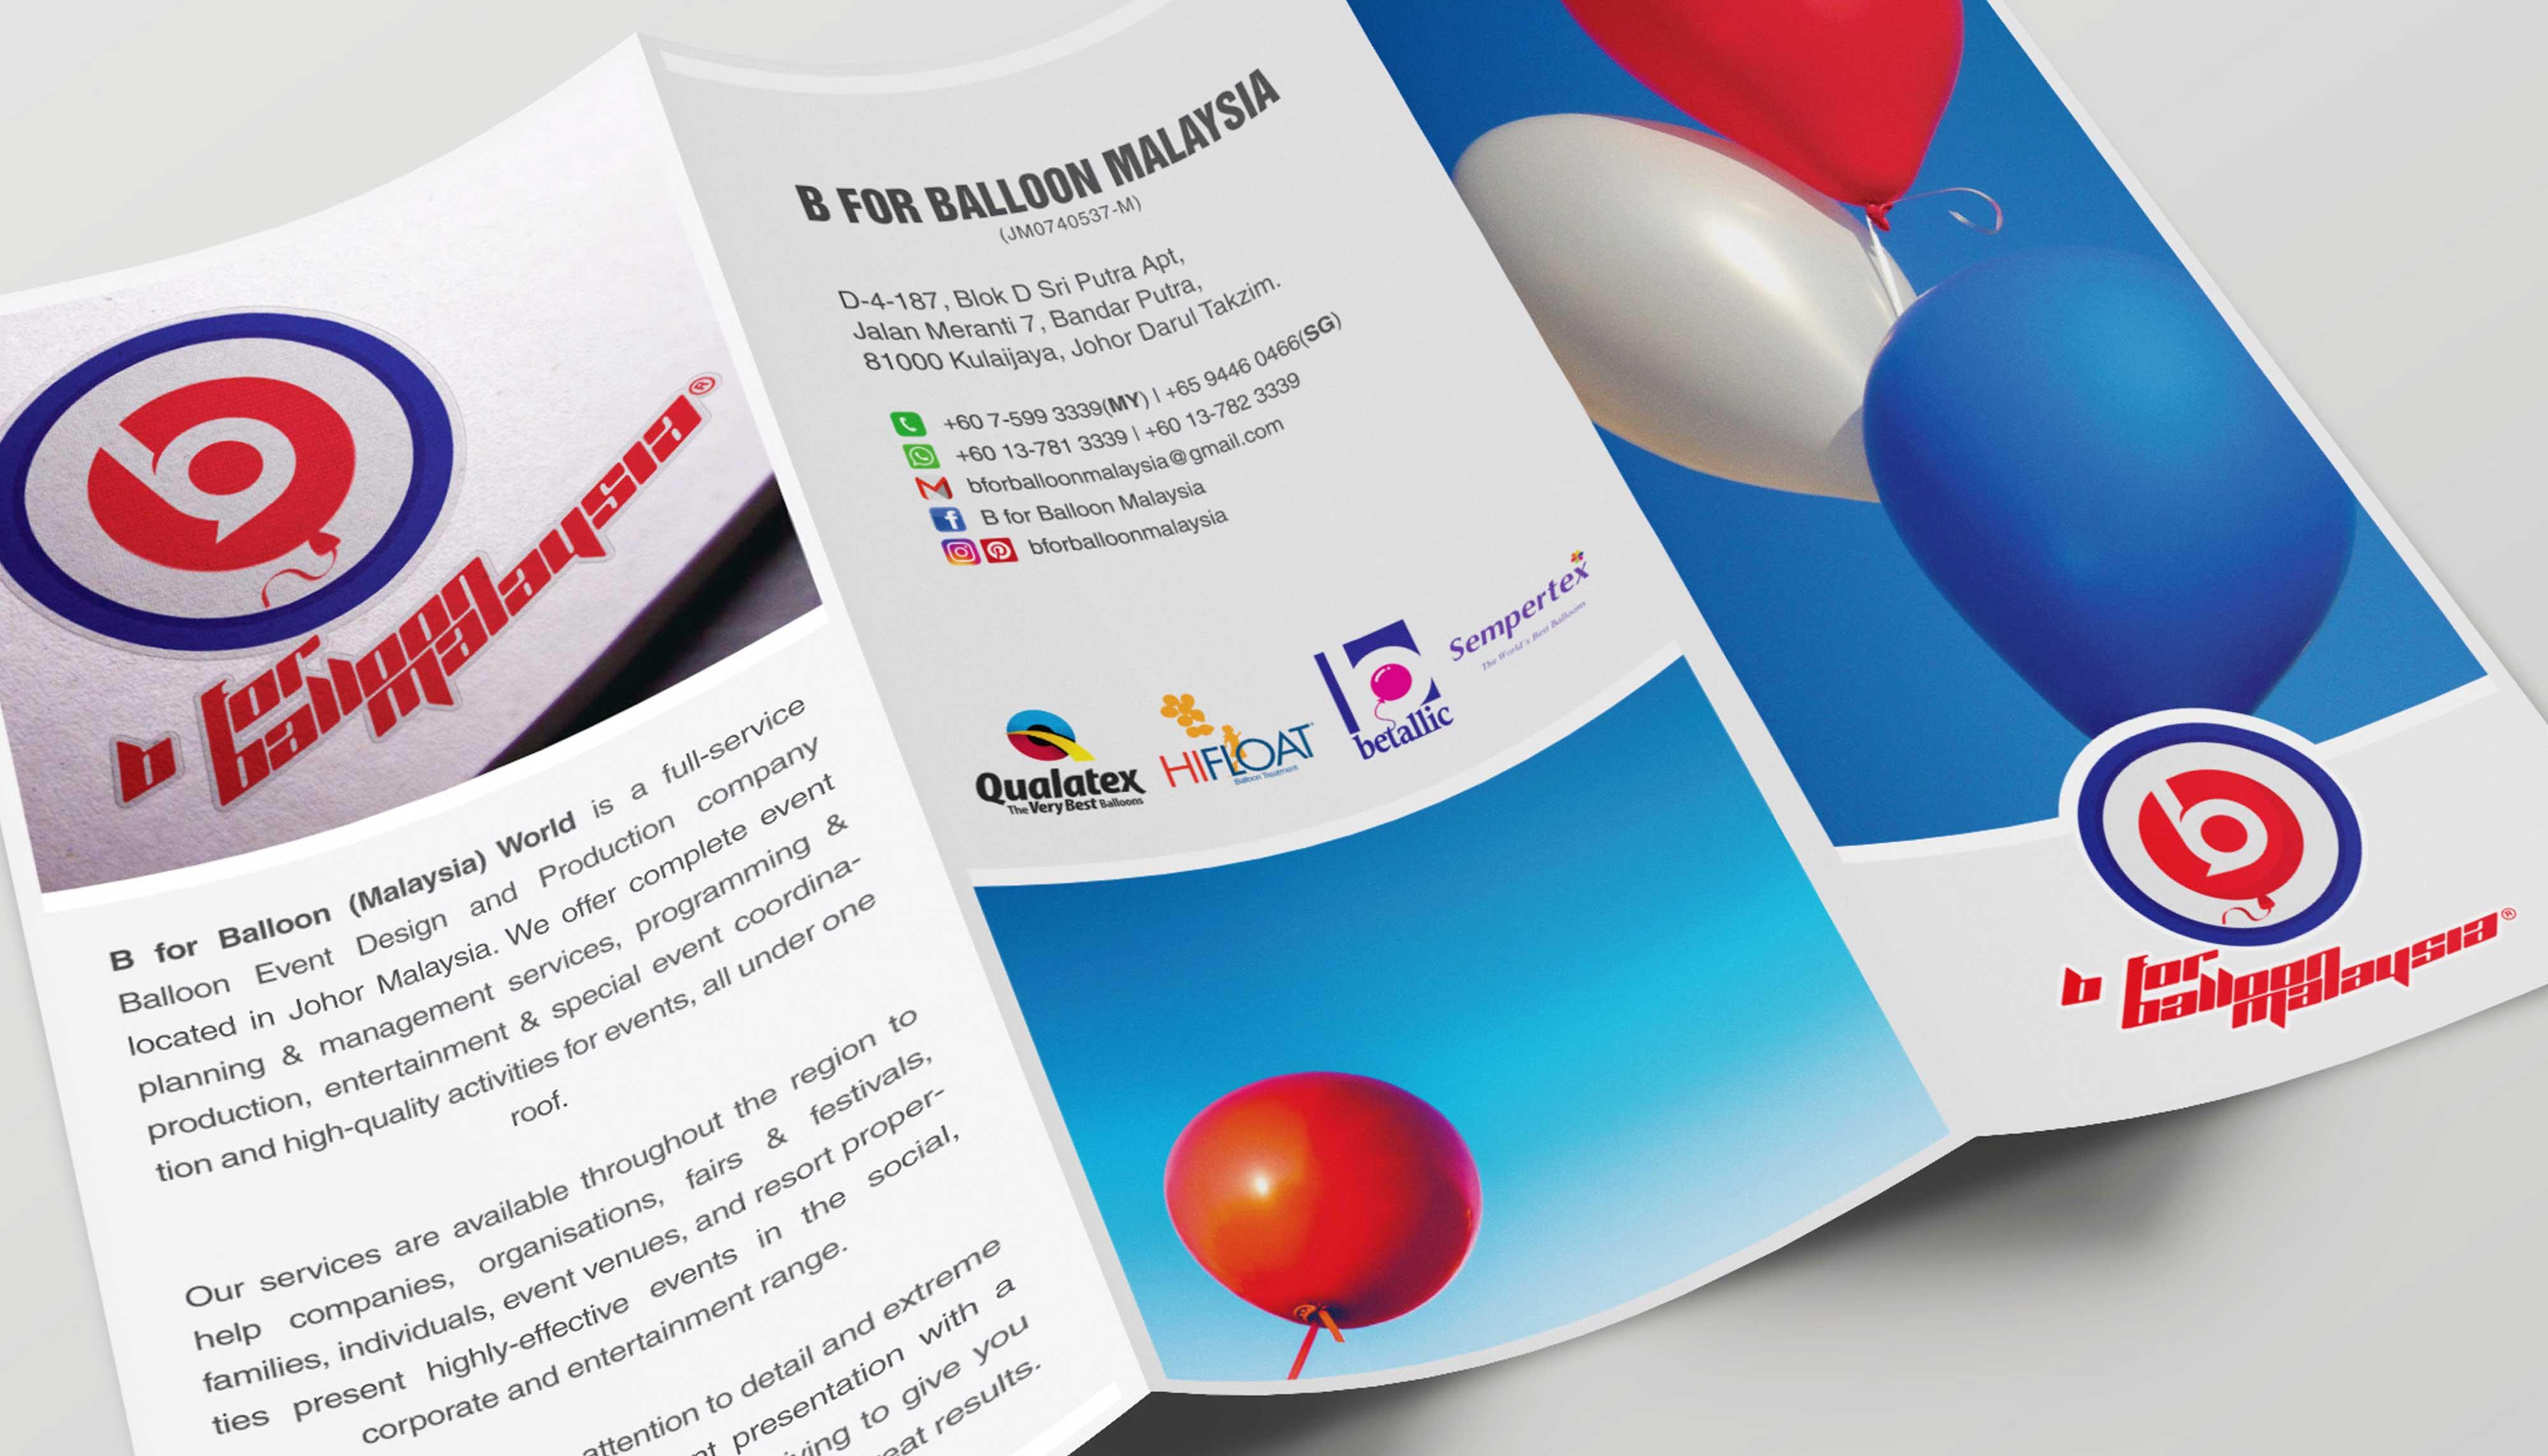 B-For-Balloon-Malaysia-1